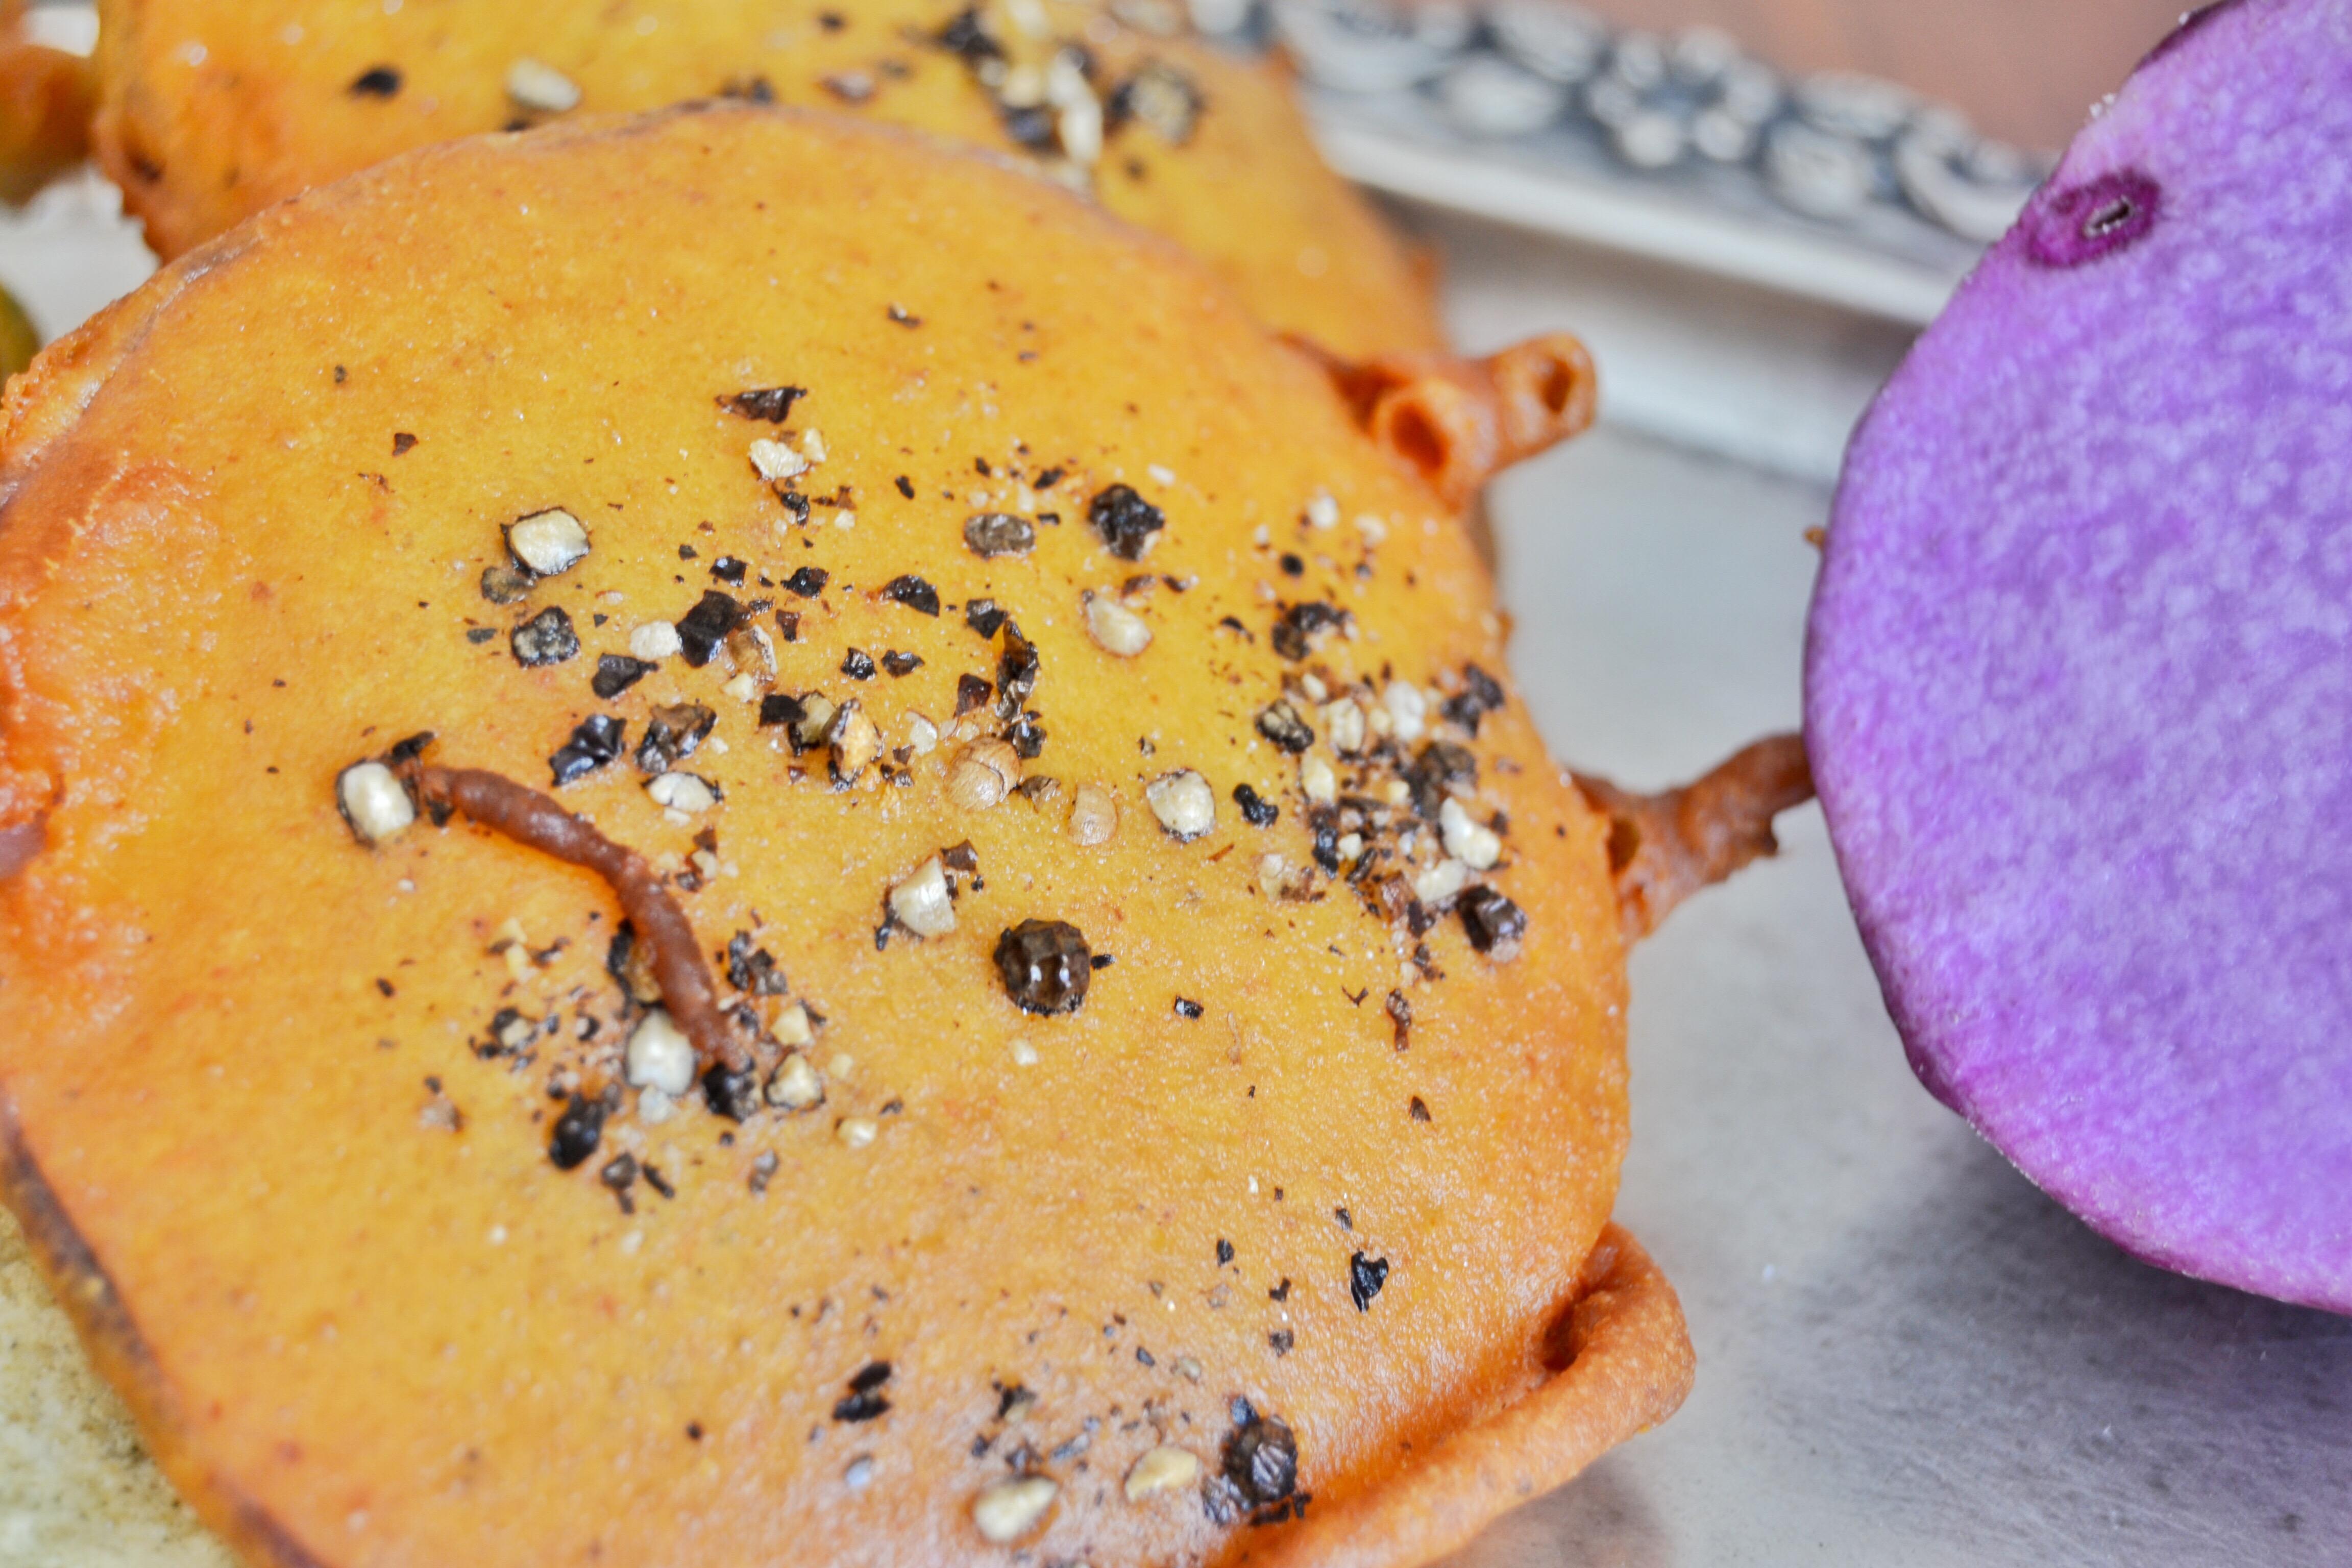 Deep fried - Ratalupuri, pakora, bhajiya